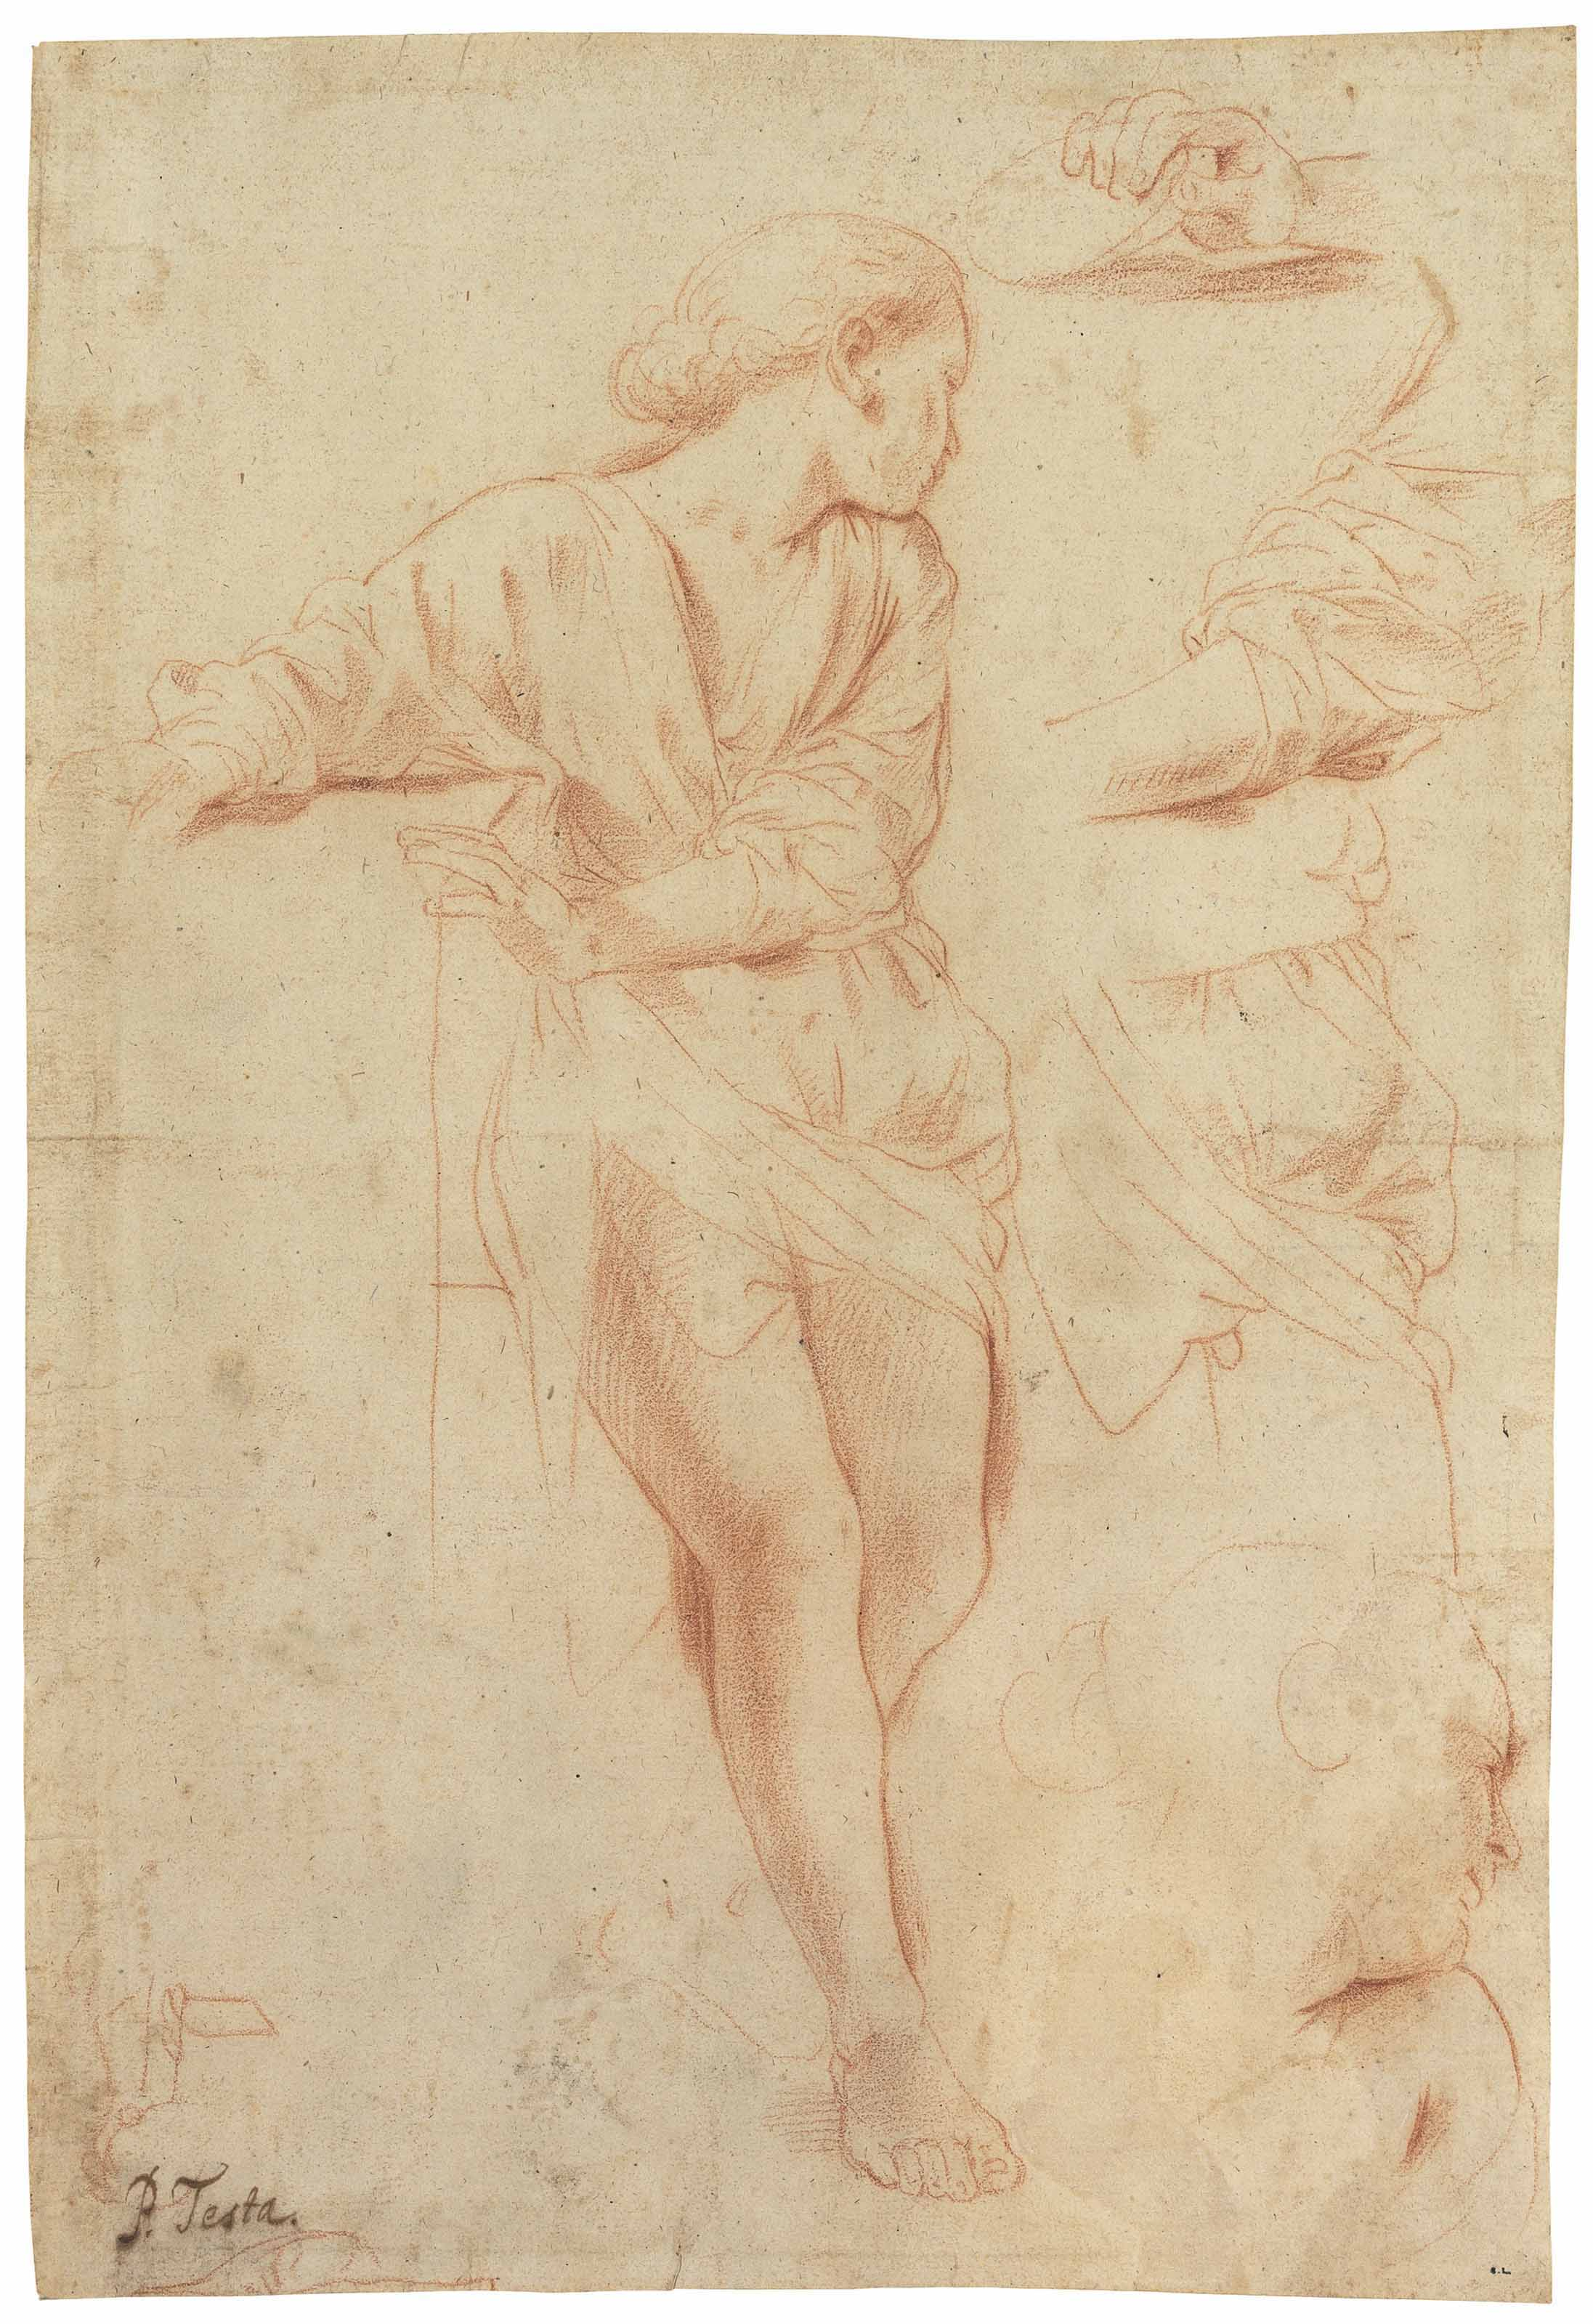 Pietro Testa (Lucca 1611-1650 Rome)